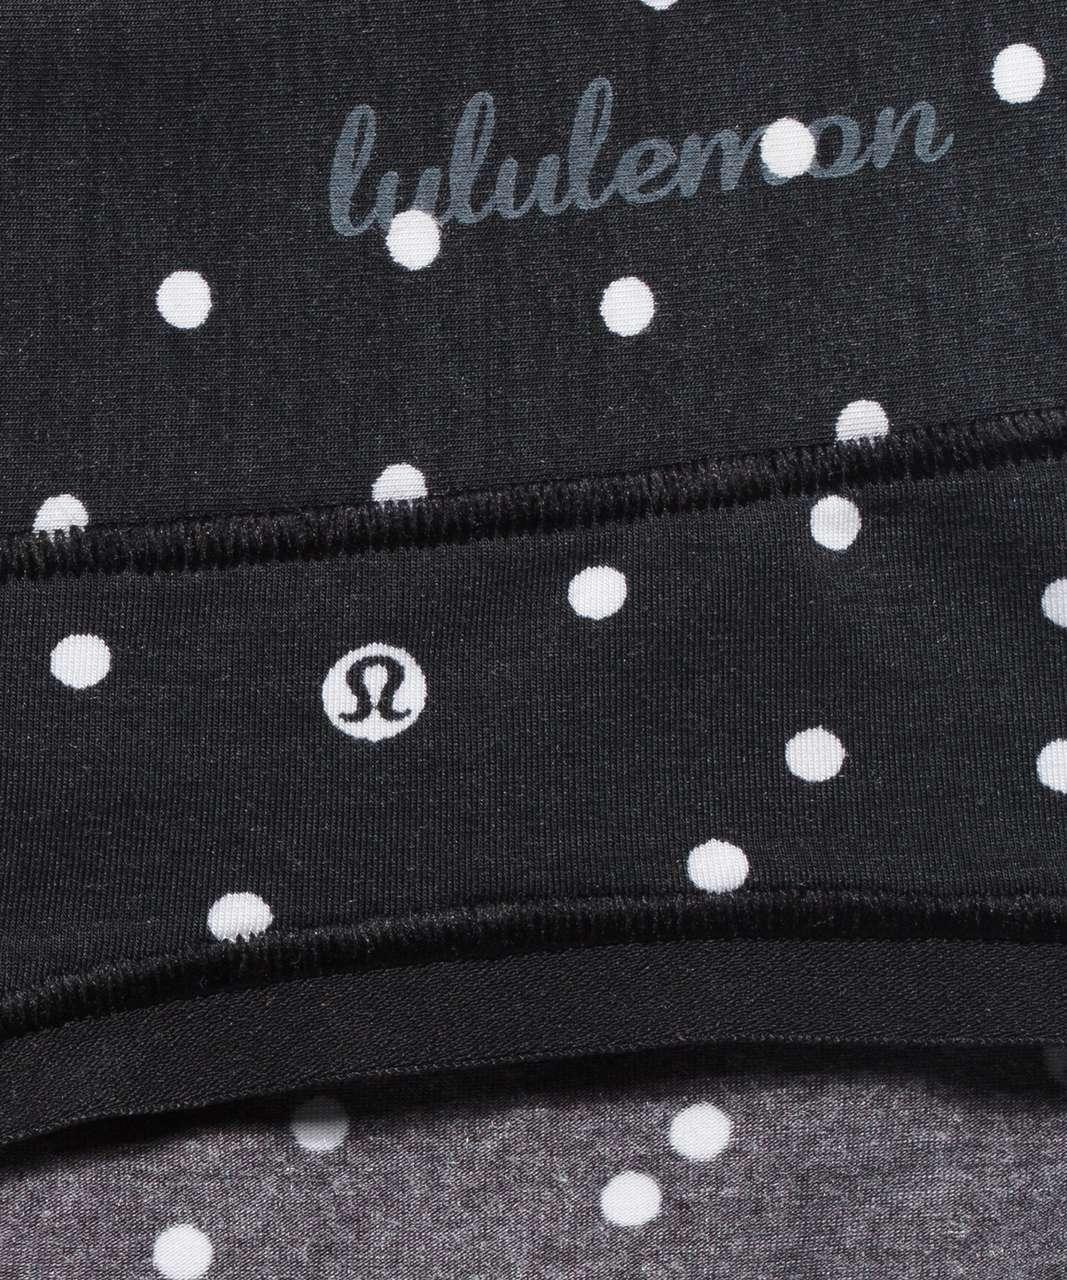 Lululemon Soft Breathable Bikini *3 Pack - Inspirit Polka White Black / Brier Rose / Chrome